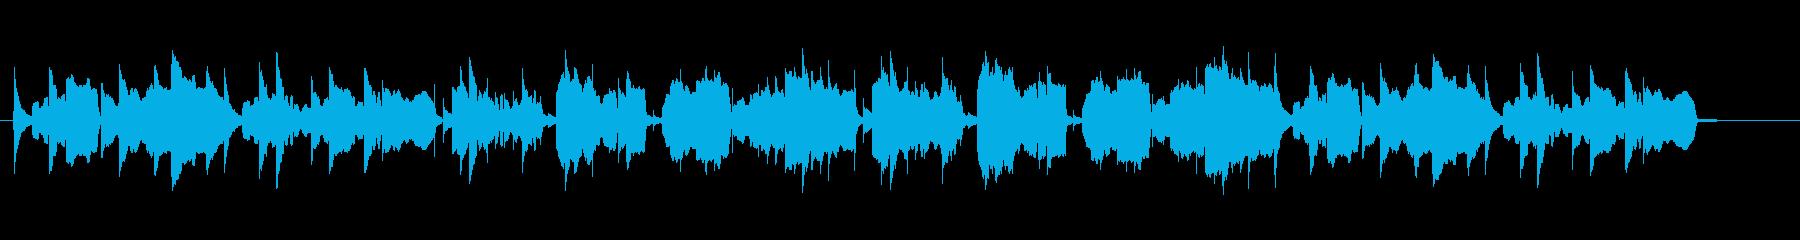 ほのぼのした雰囲気のリコーダー曲の再生済みの波形